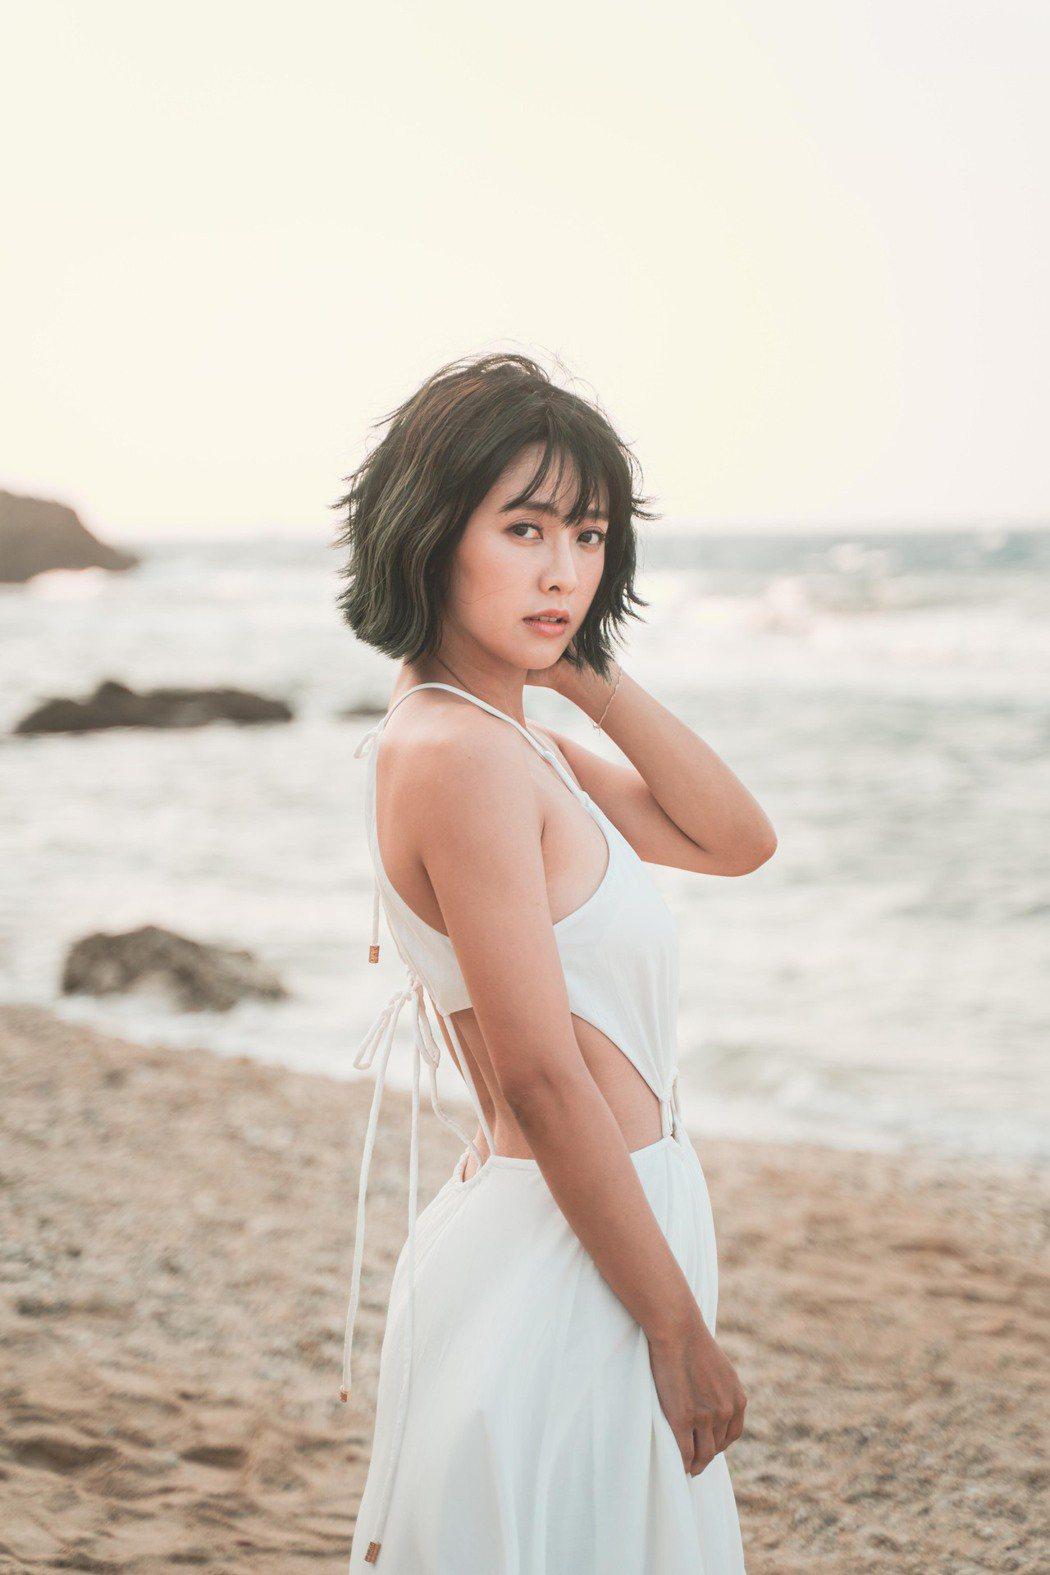 大元(林艾璇)赴小琉球拍寫真集,一站定位太陽探頭。圖/藝和創藝提供